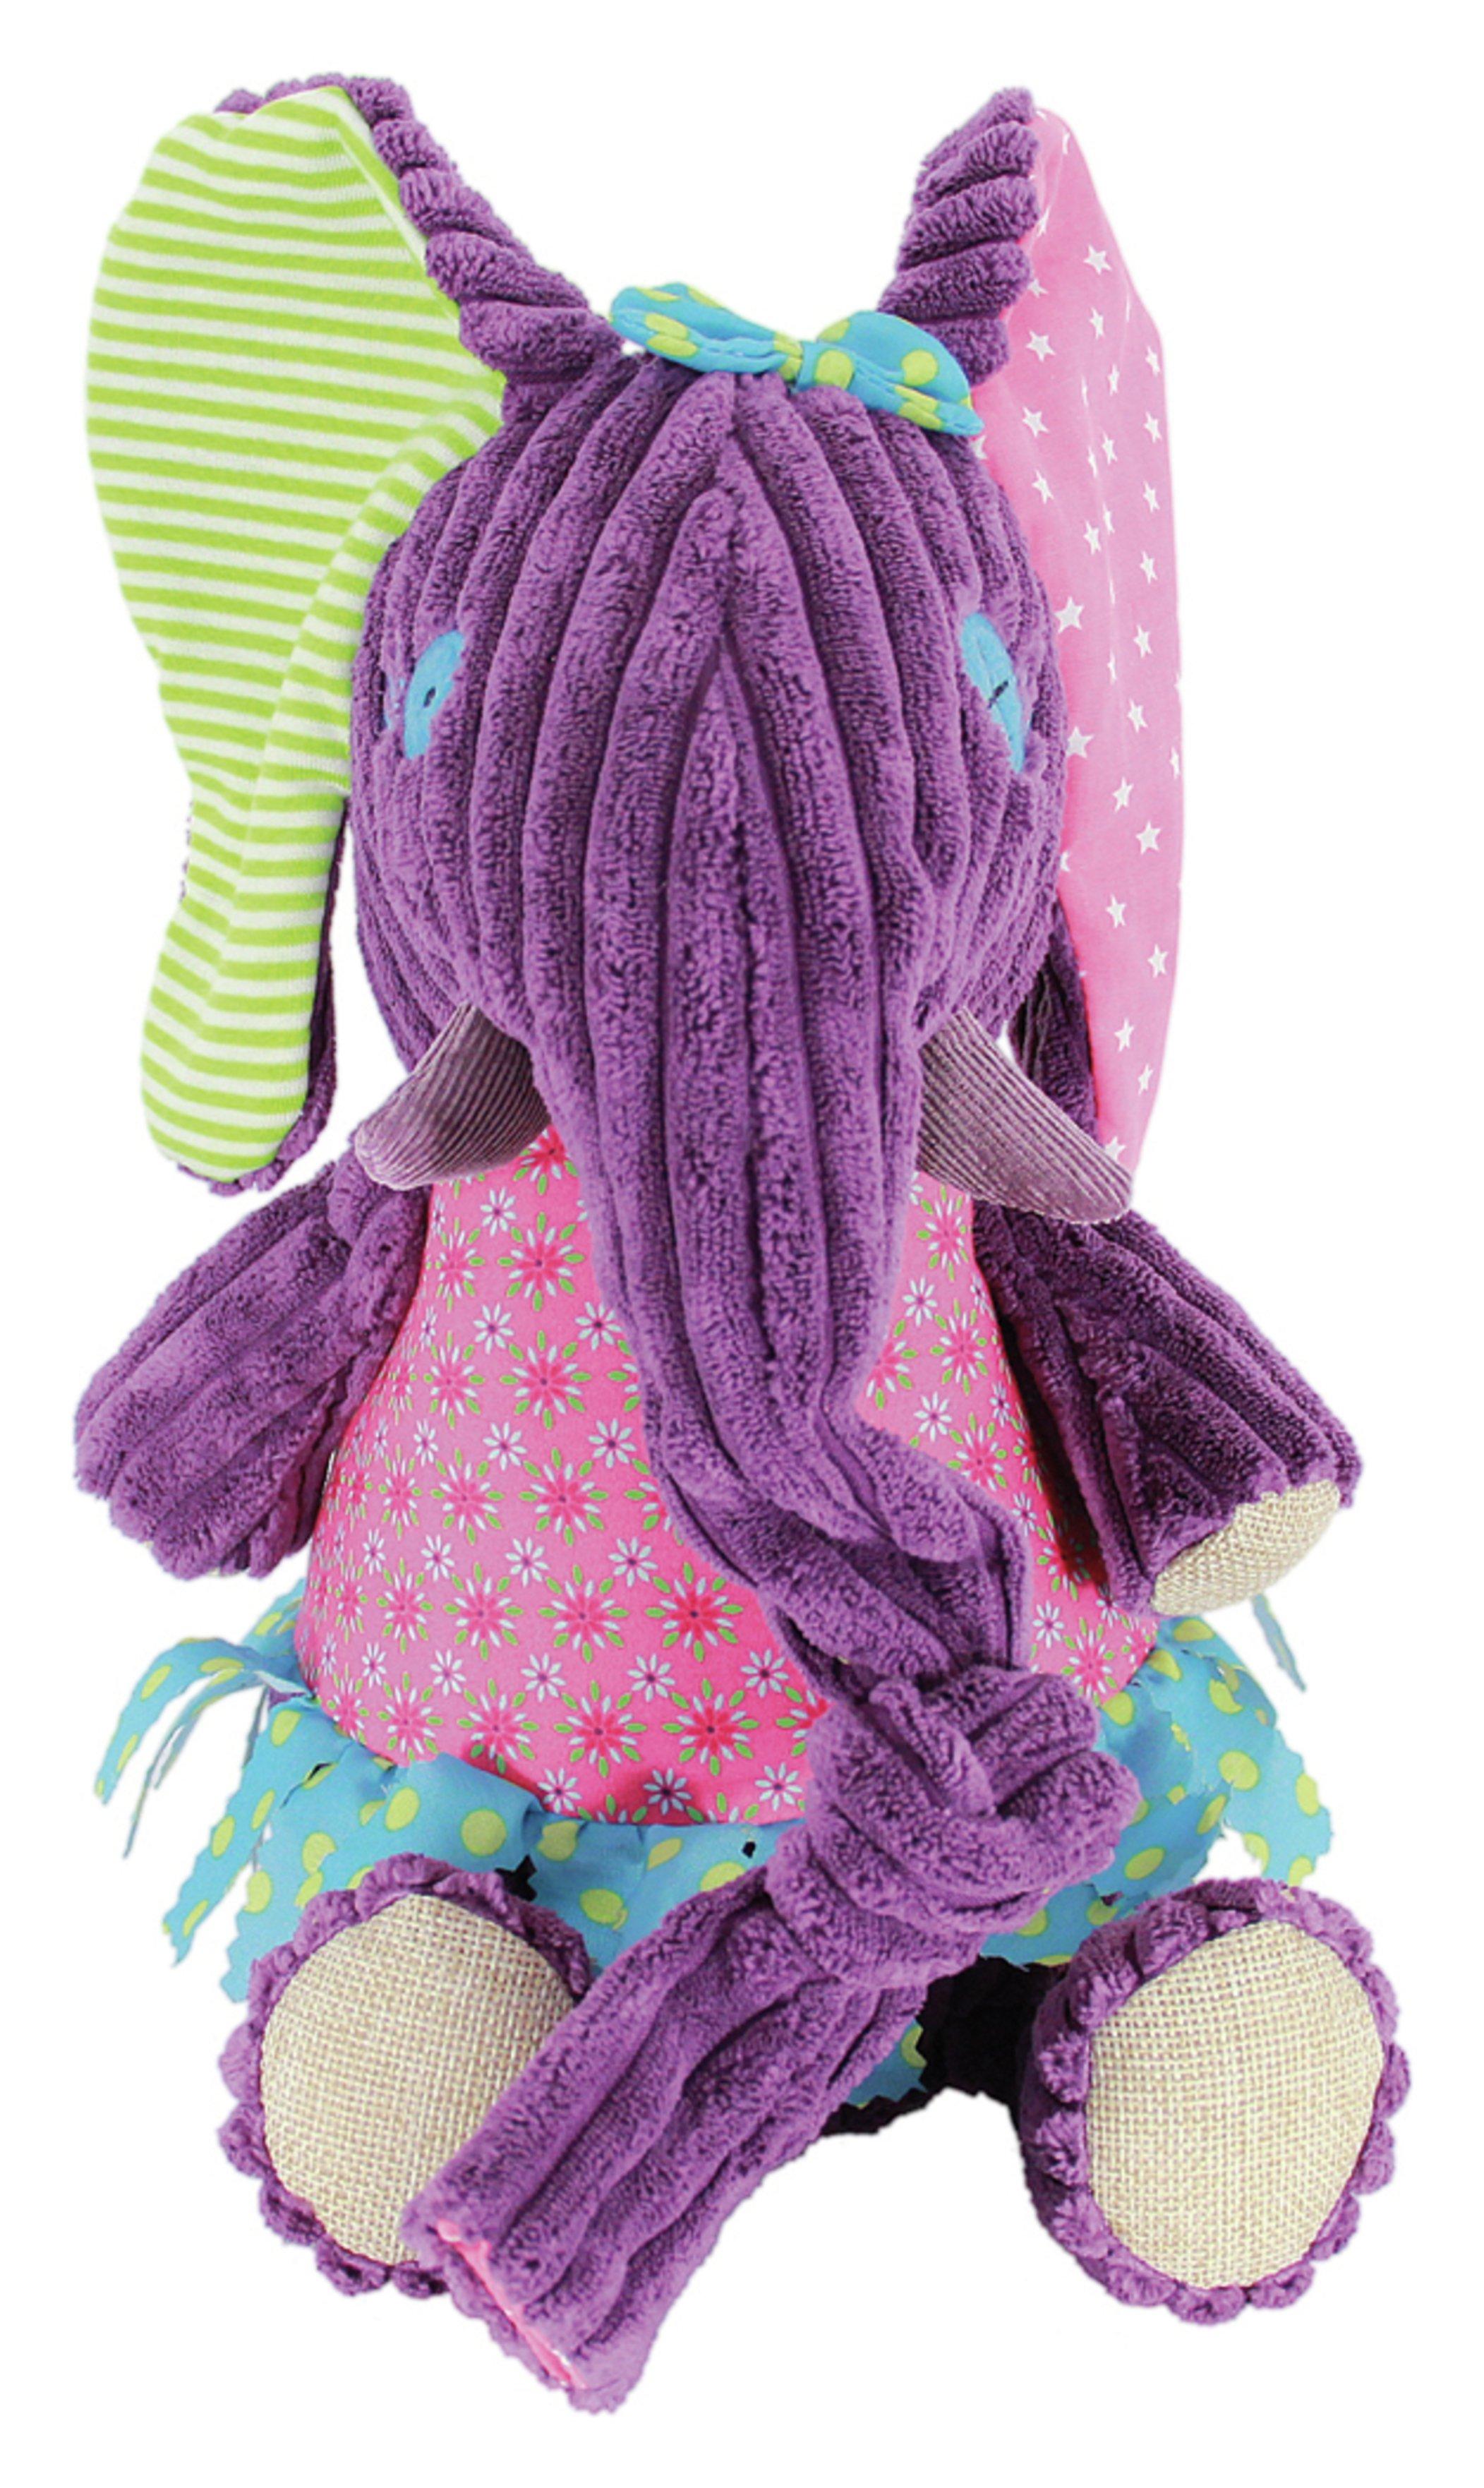 Image of Deglingos Original Elephant Soft Toy.